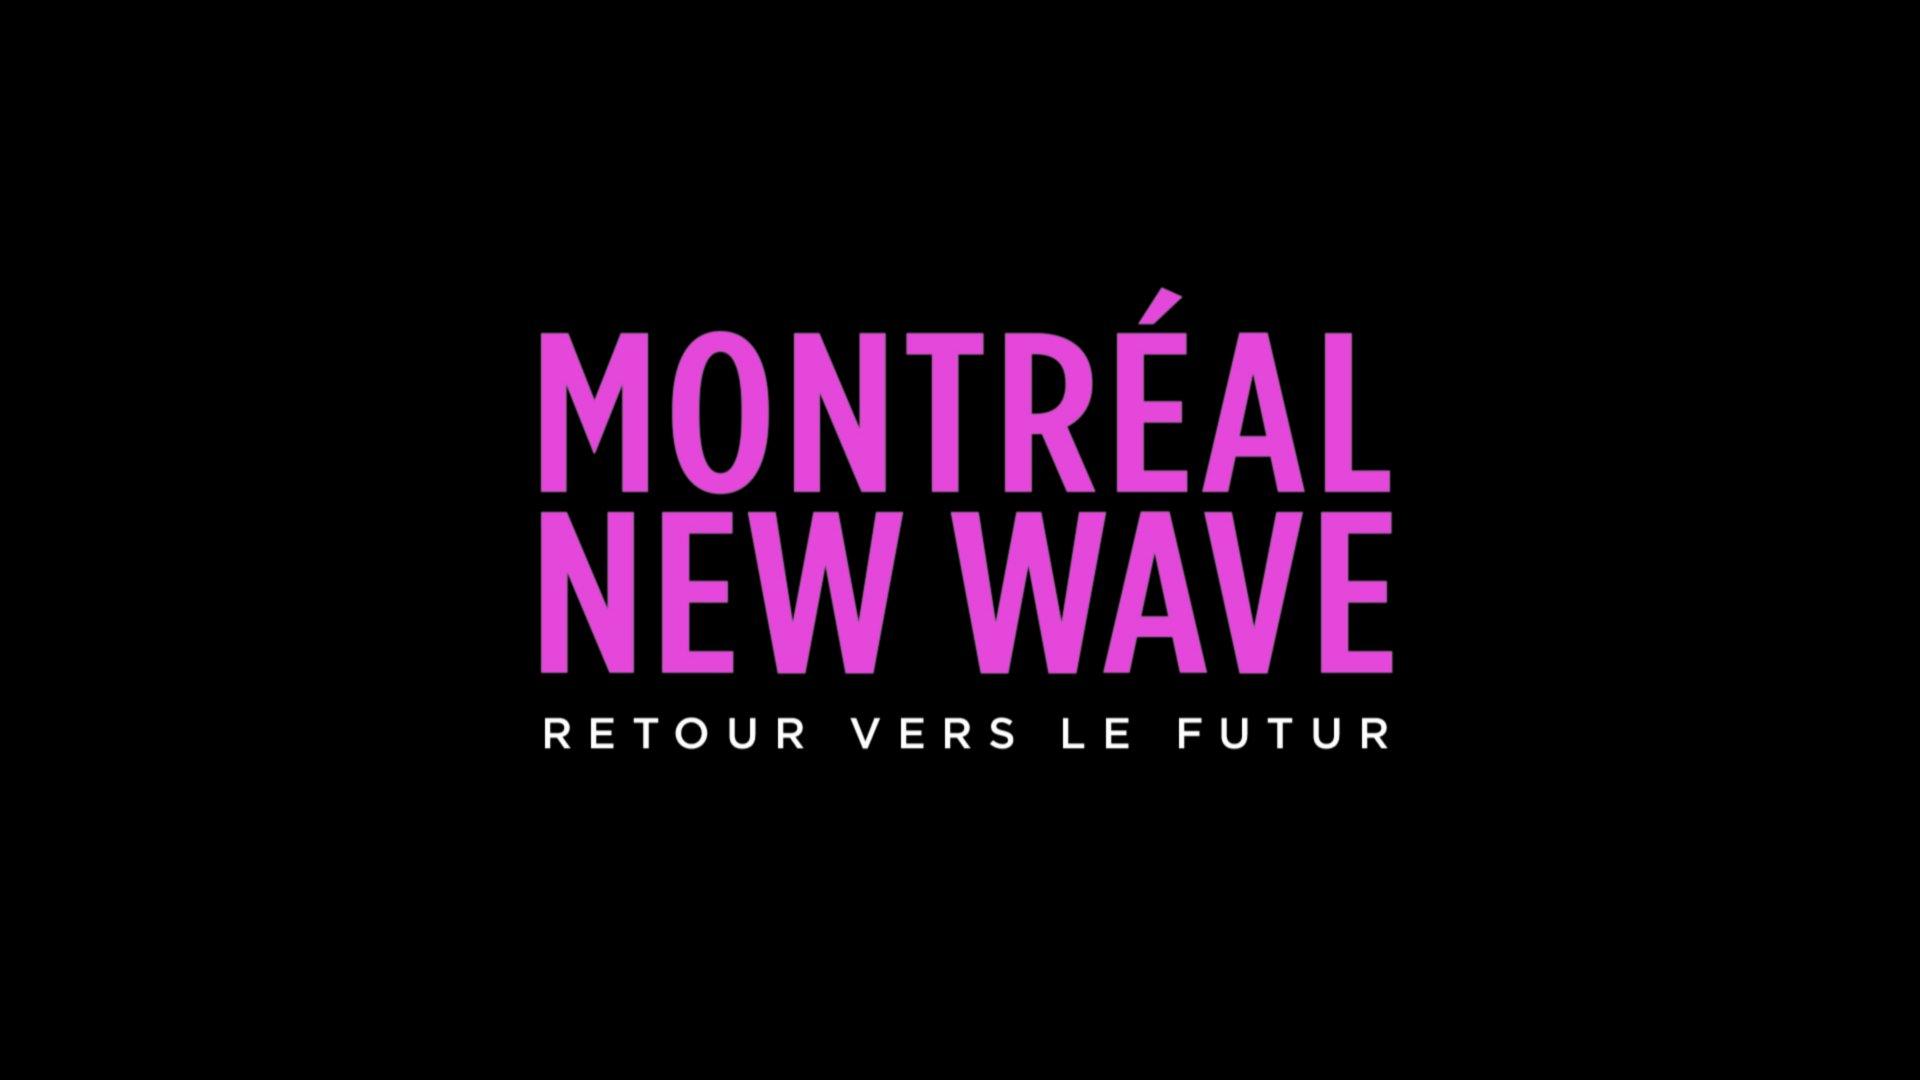 Montréal New Wave: une première bande-annonce